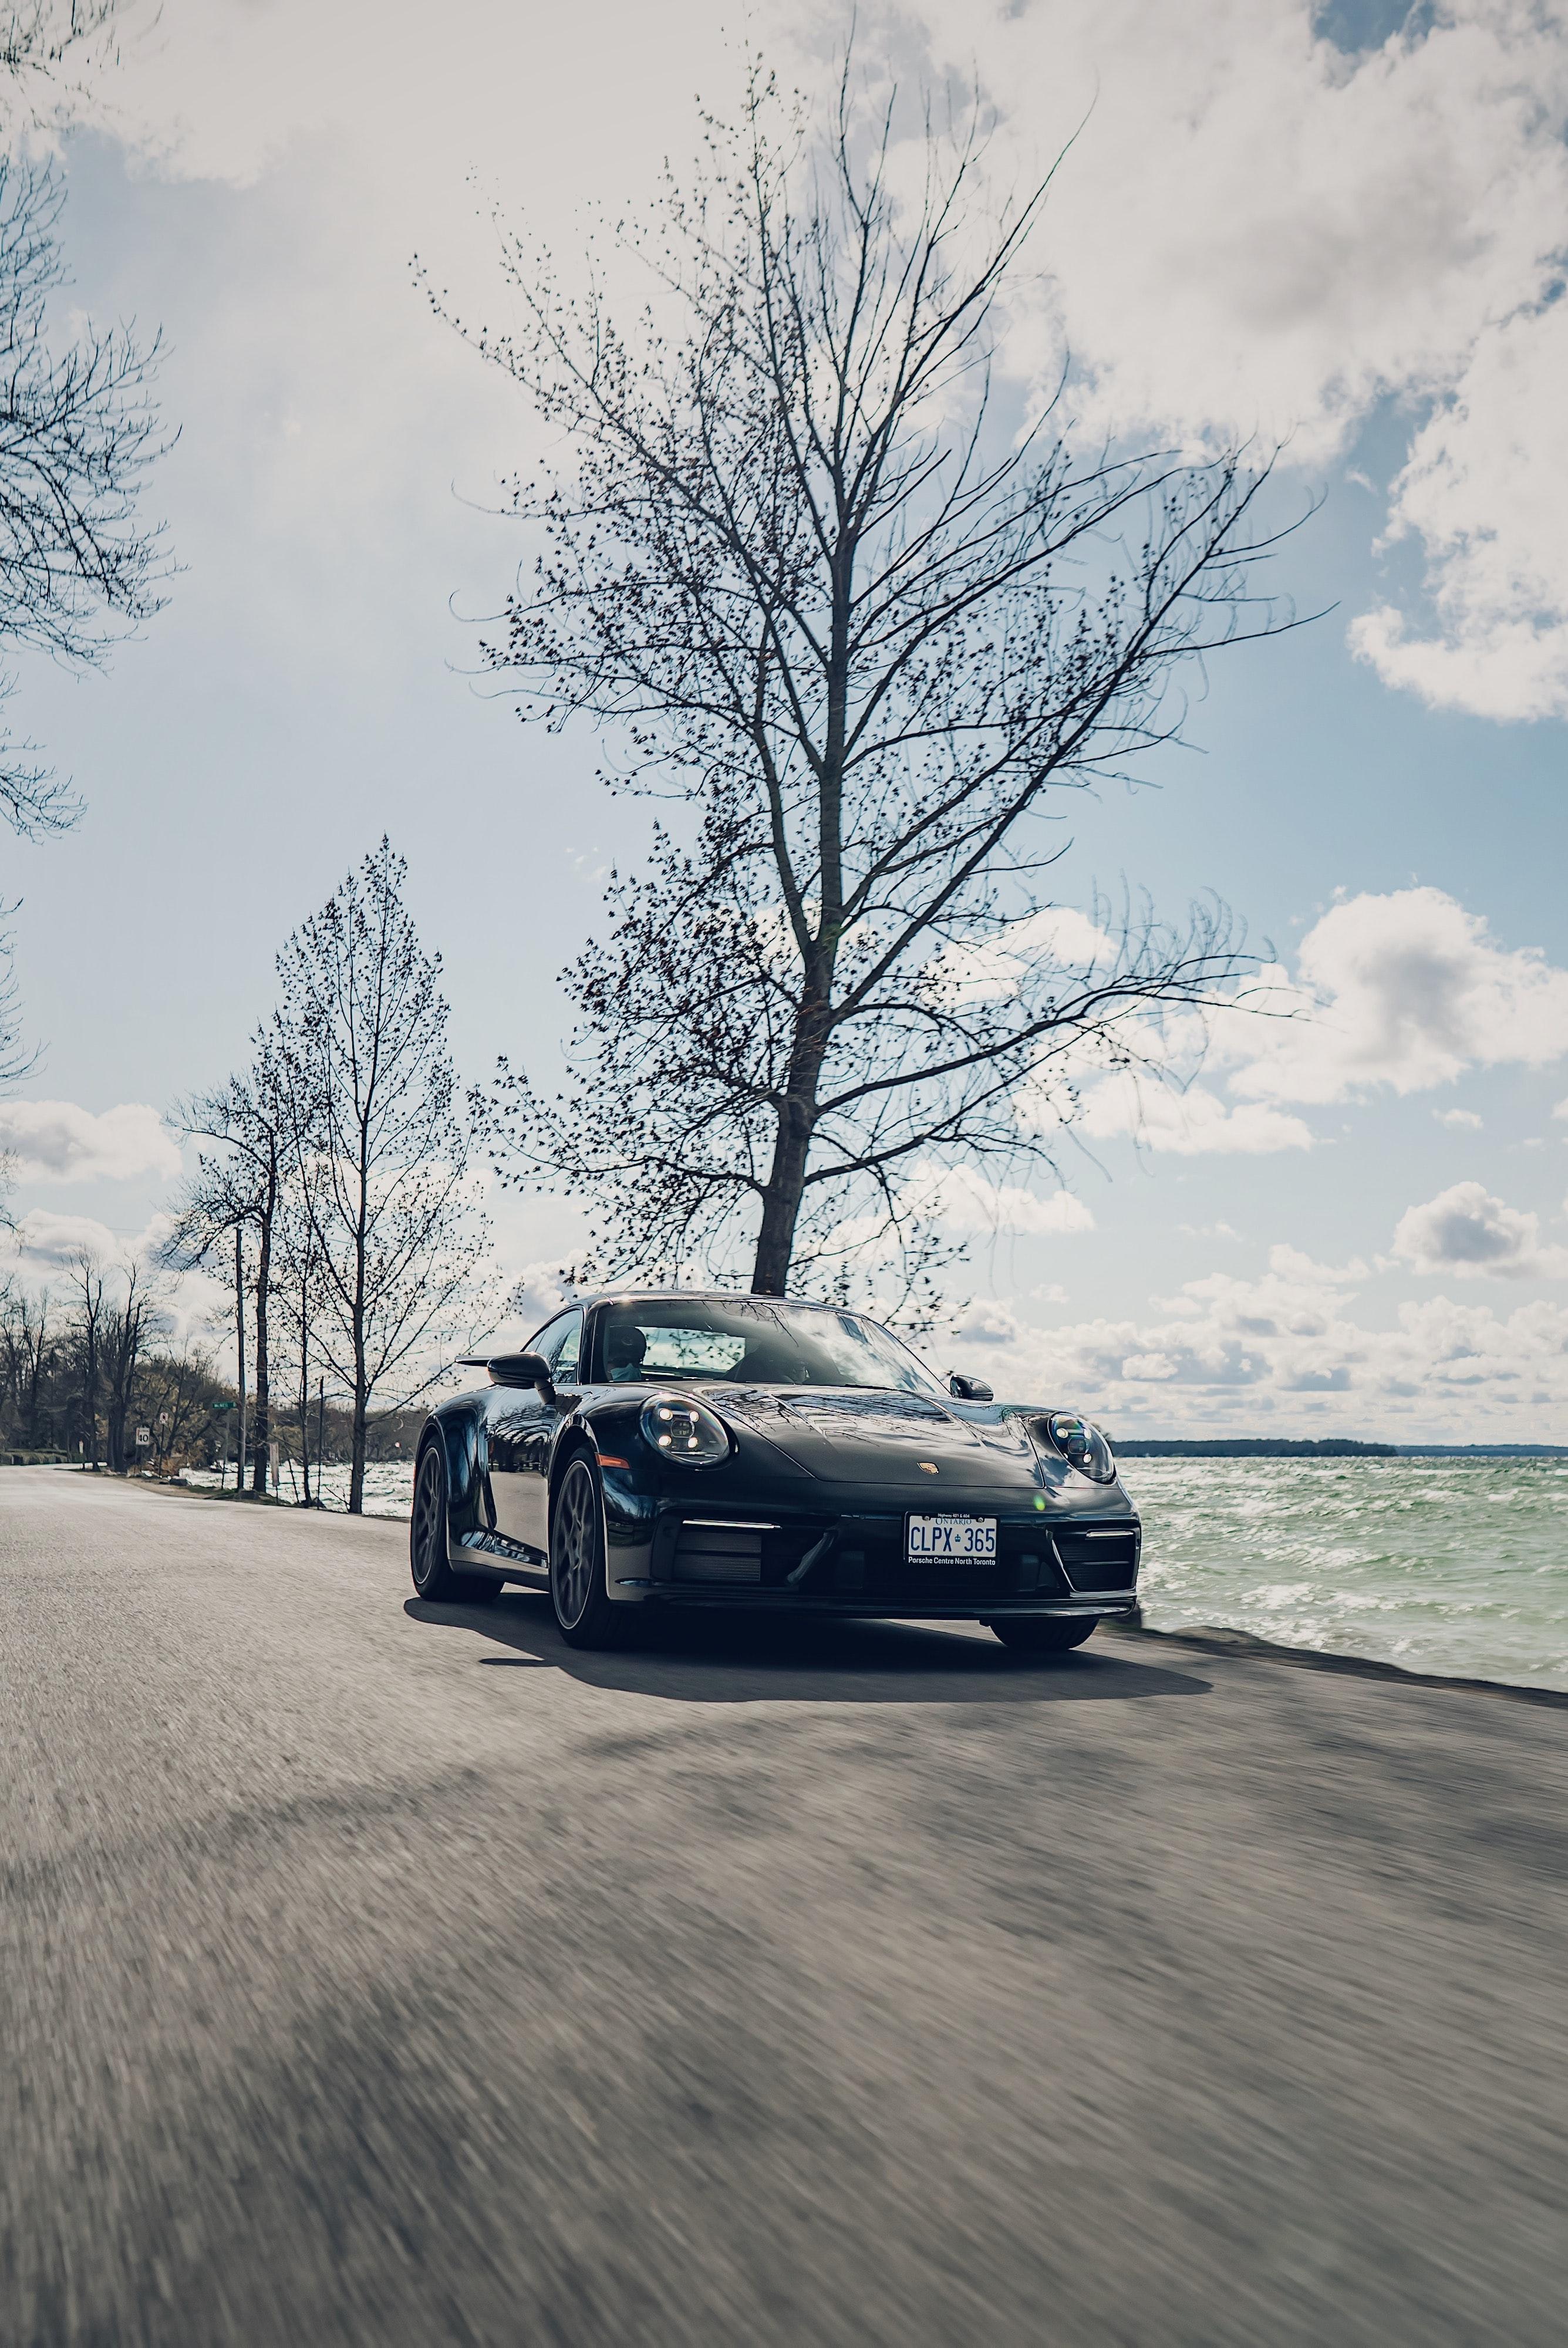 57849 Заставки и Обои Порш (Porsche) на телефон. Скачать Порш (Porsche), Тачки (Cars), Автомобиль, Движение, Спорткар картинки бесплатно